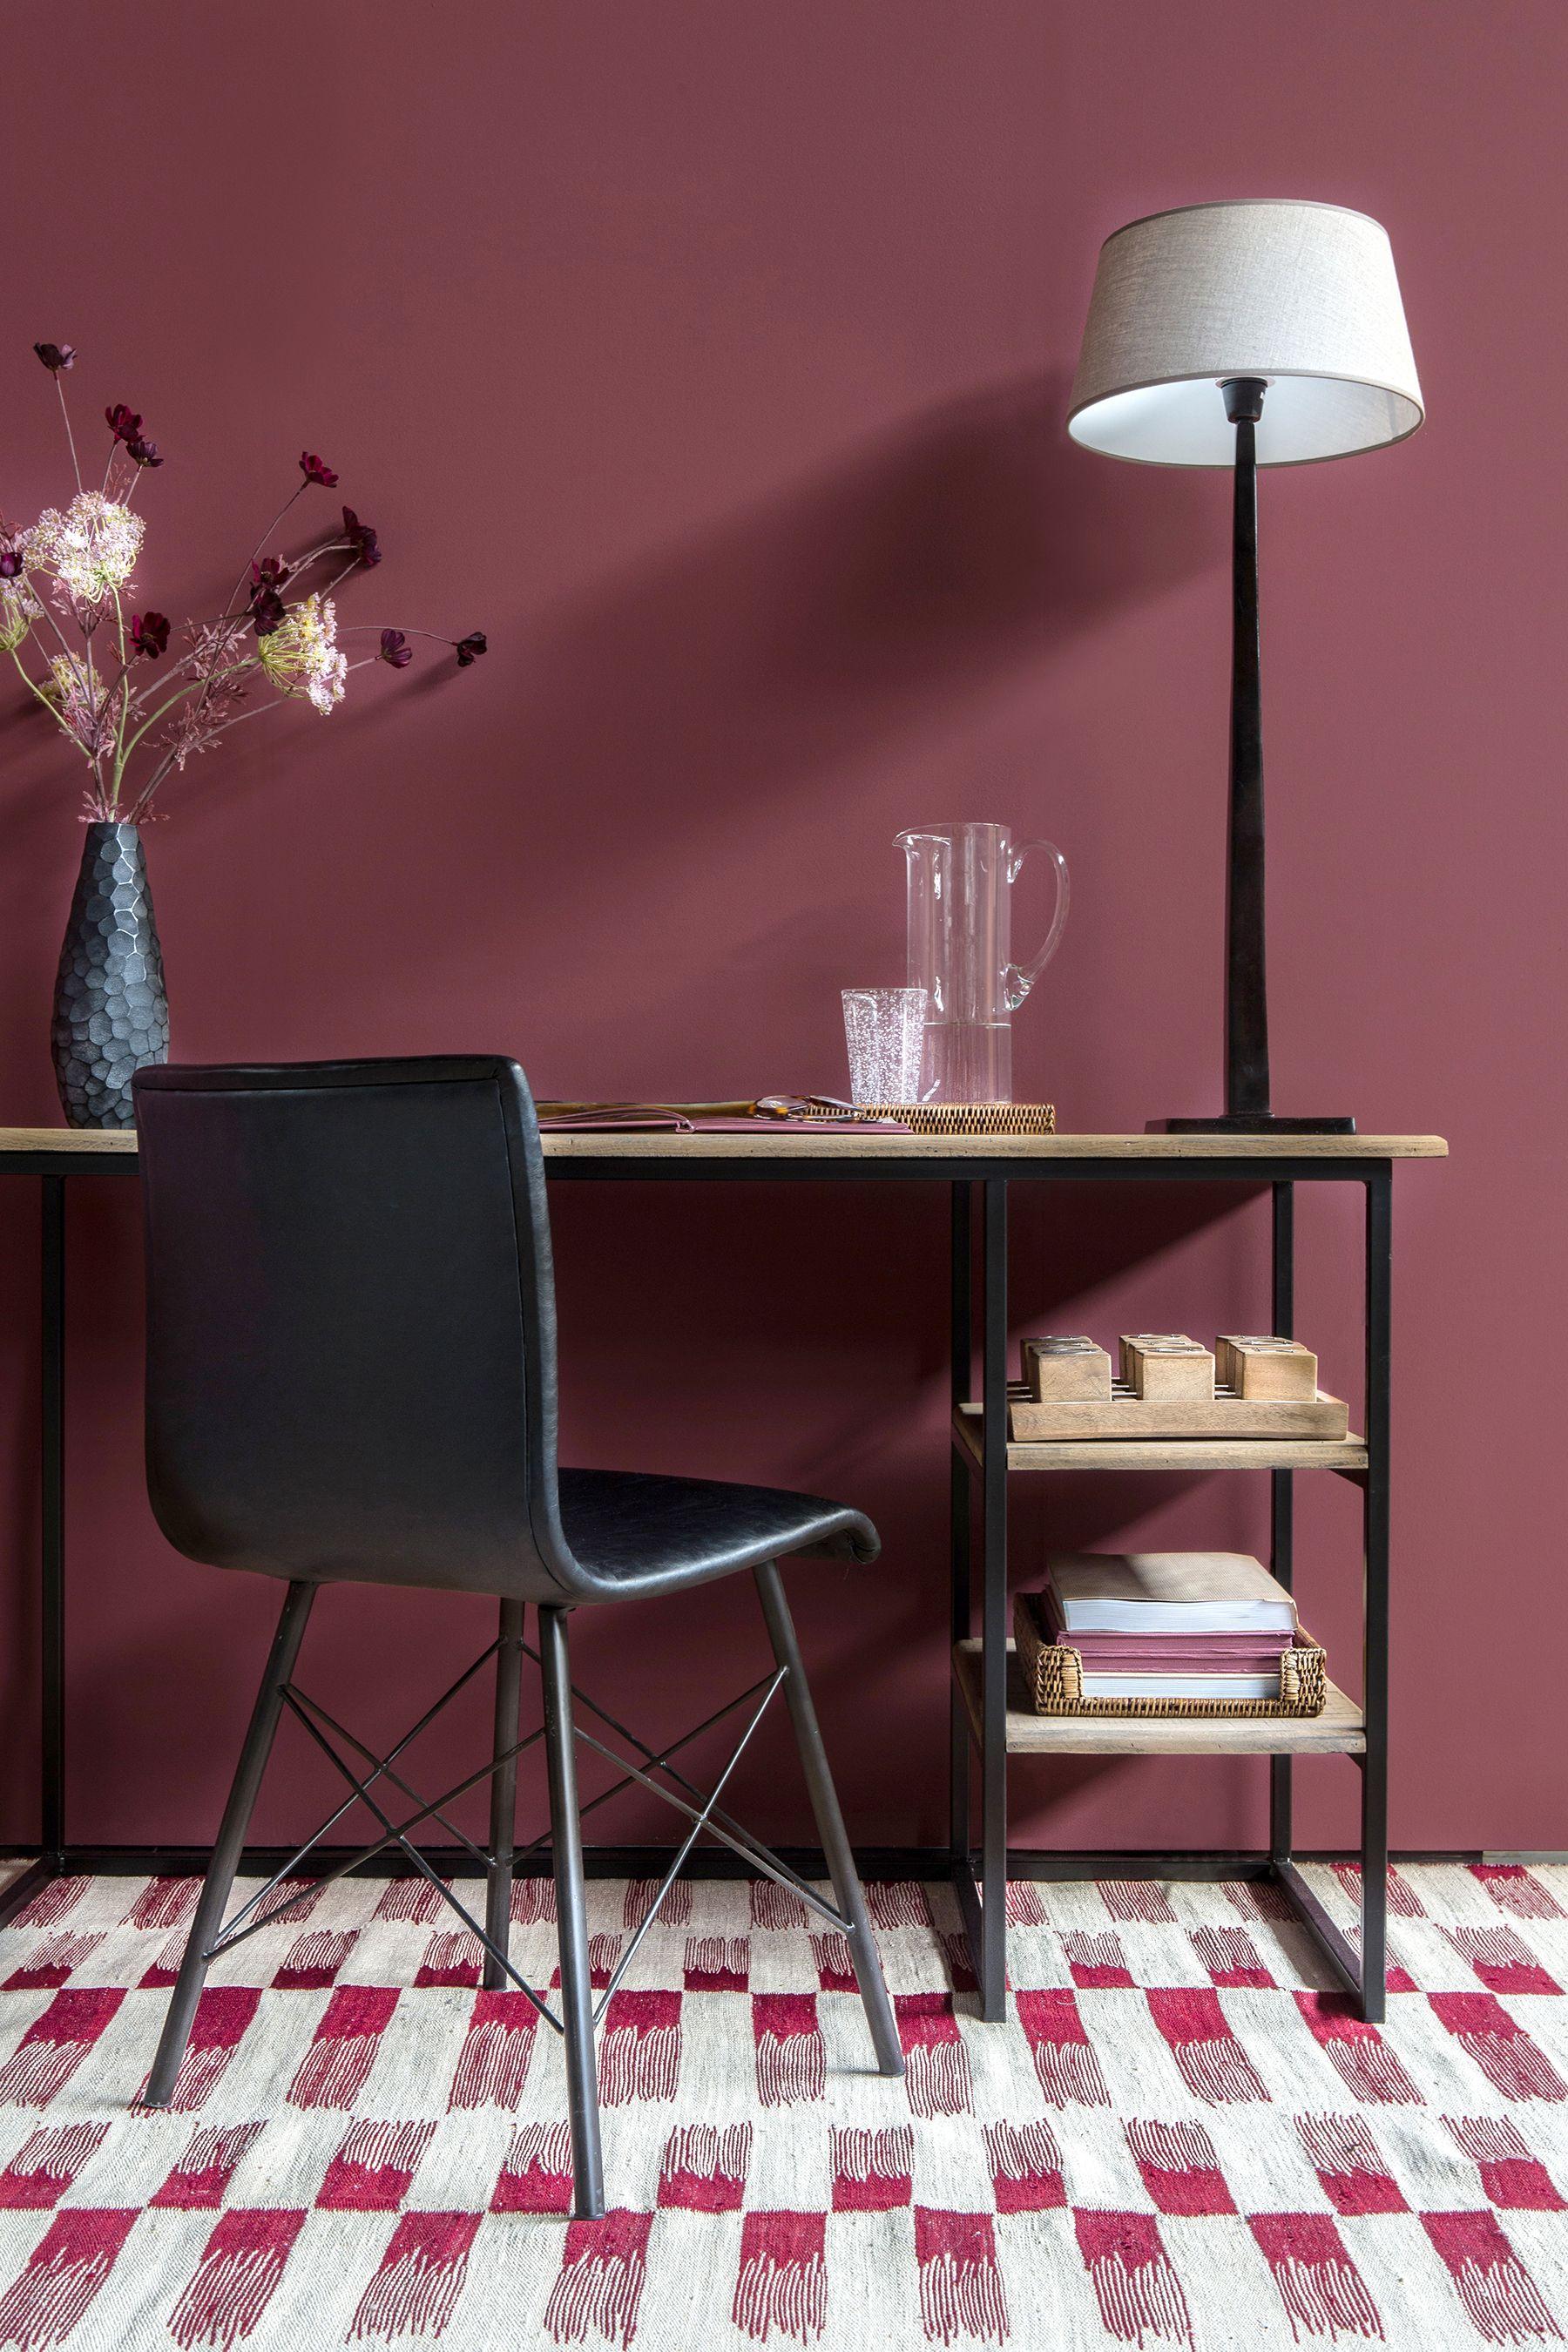 7 Nouvelles Couleurs Flamant En 2018 Deco Chambre Couleur Couleur Mur Chambre Decoration Salon Couleur